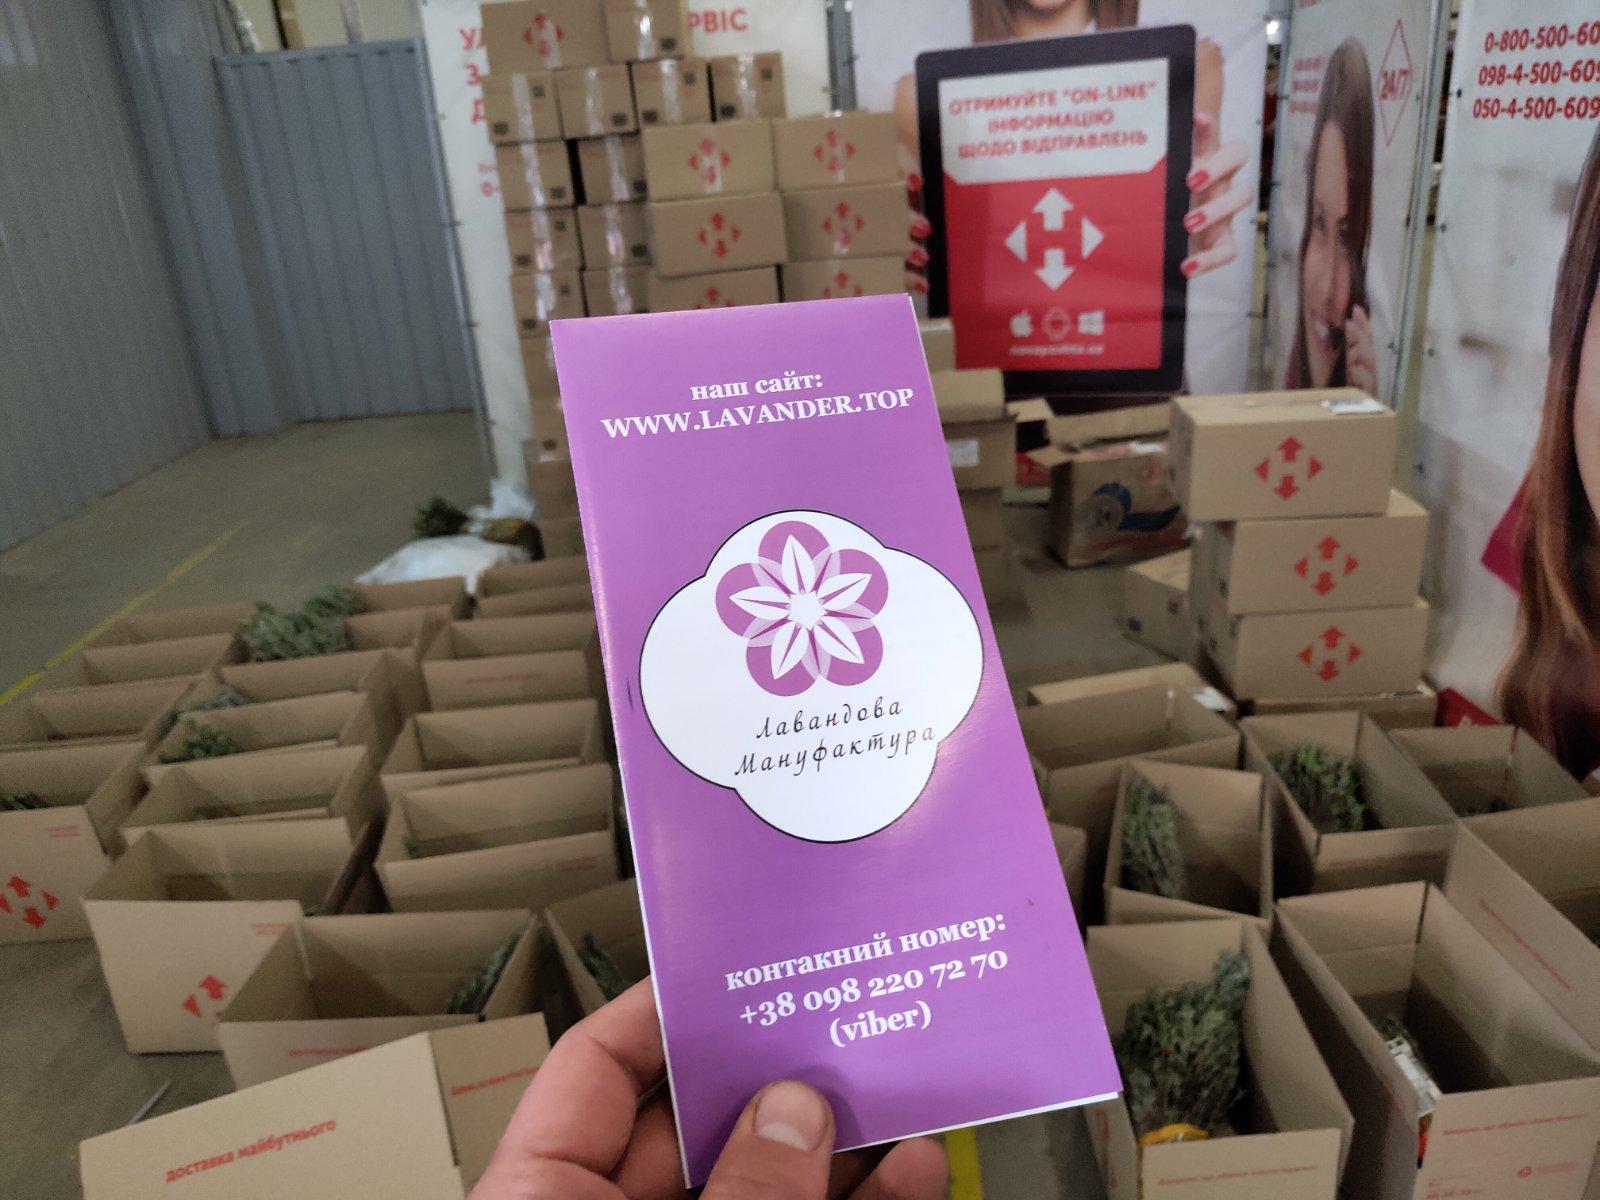 Продаж лаванди, де купити лаванду в Україні